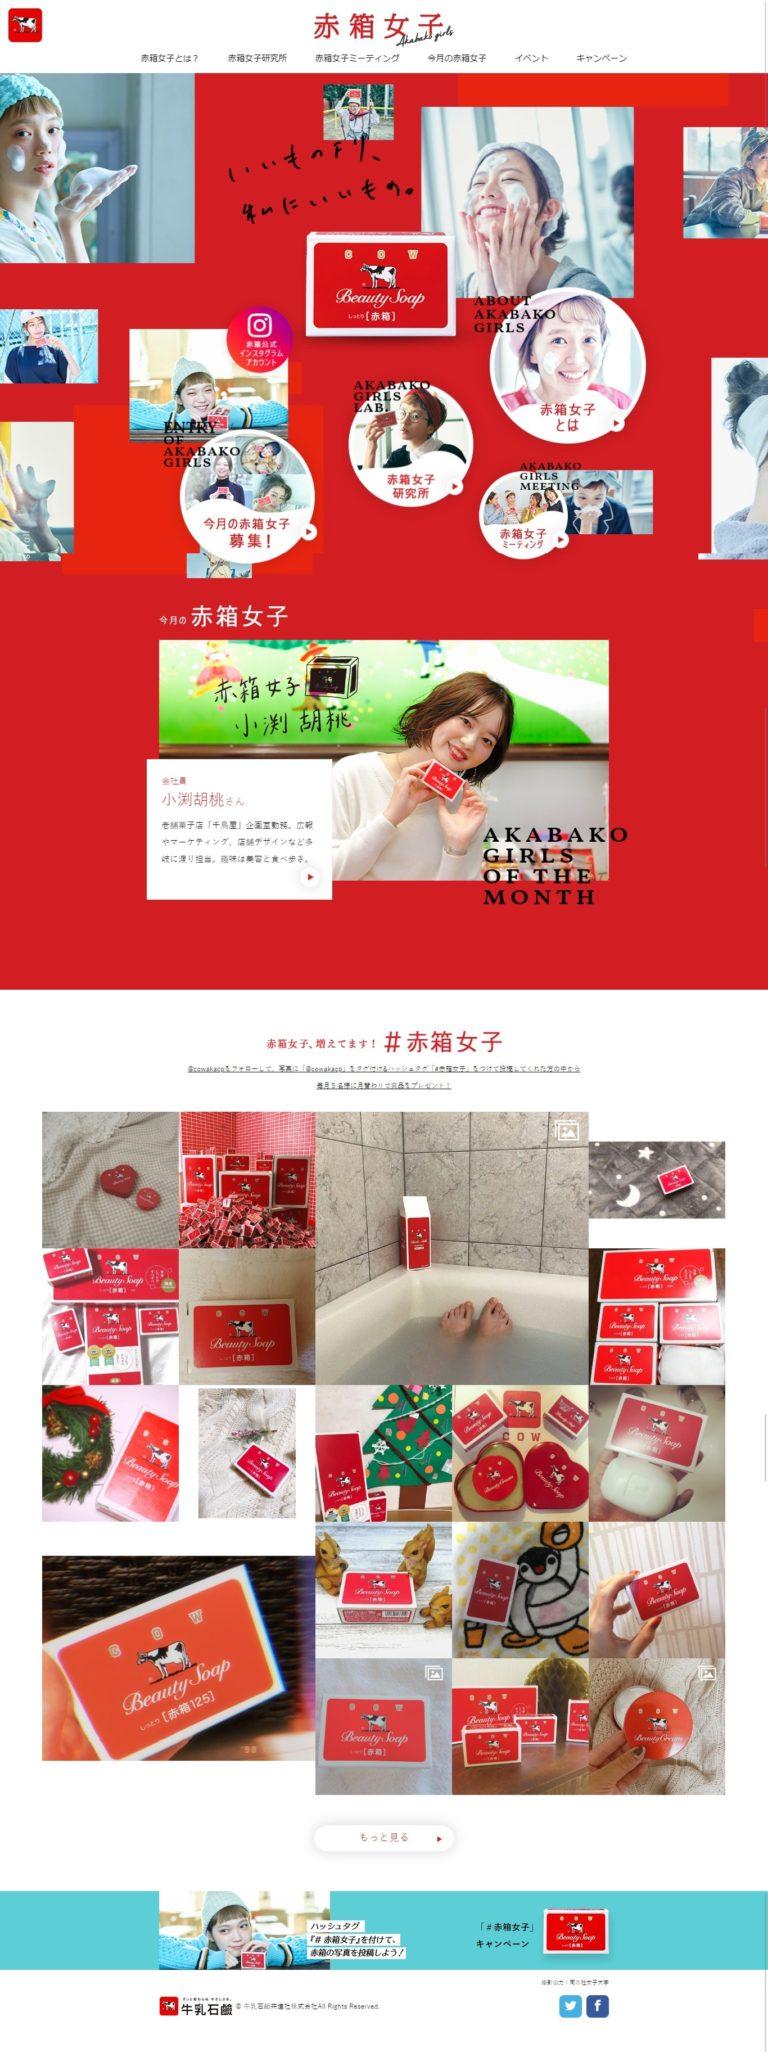 赤箱女子-Akabako girls- | 牛乳石鹼共進社株式会社